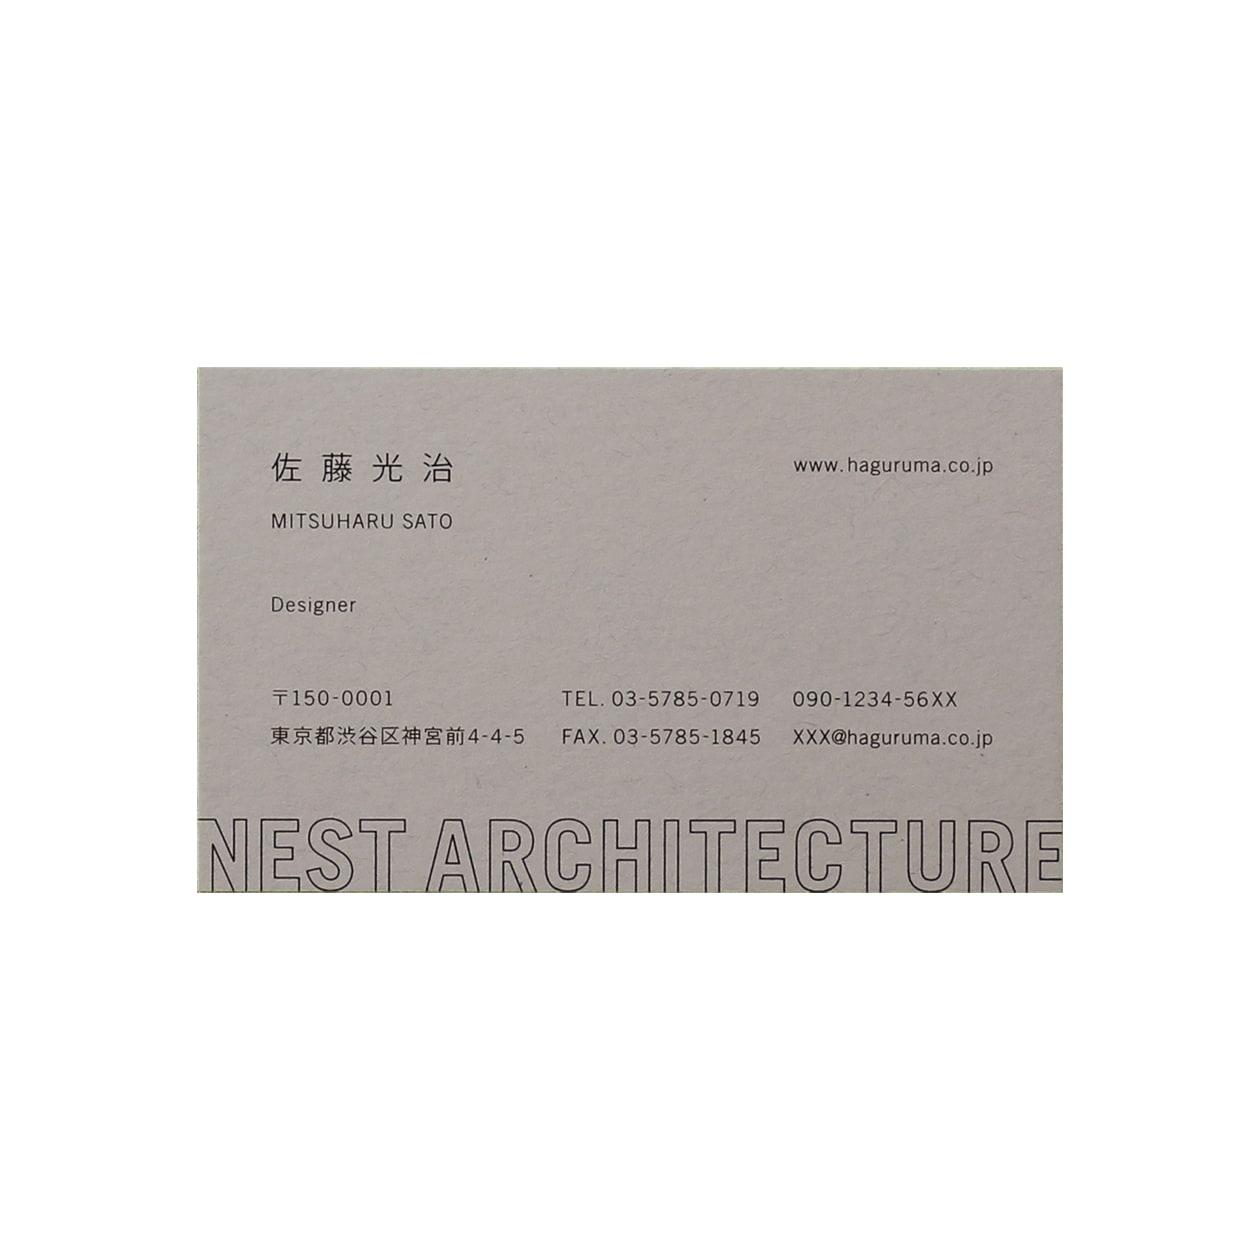 サンプル カード・シート 00332